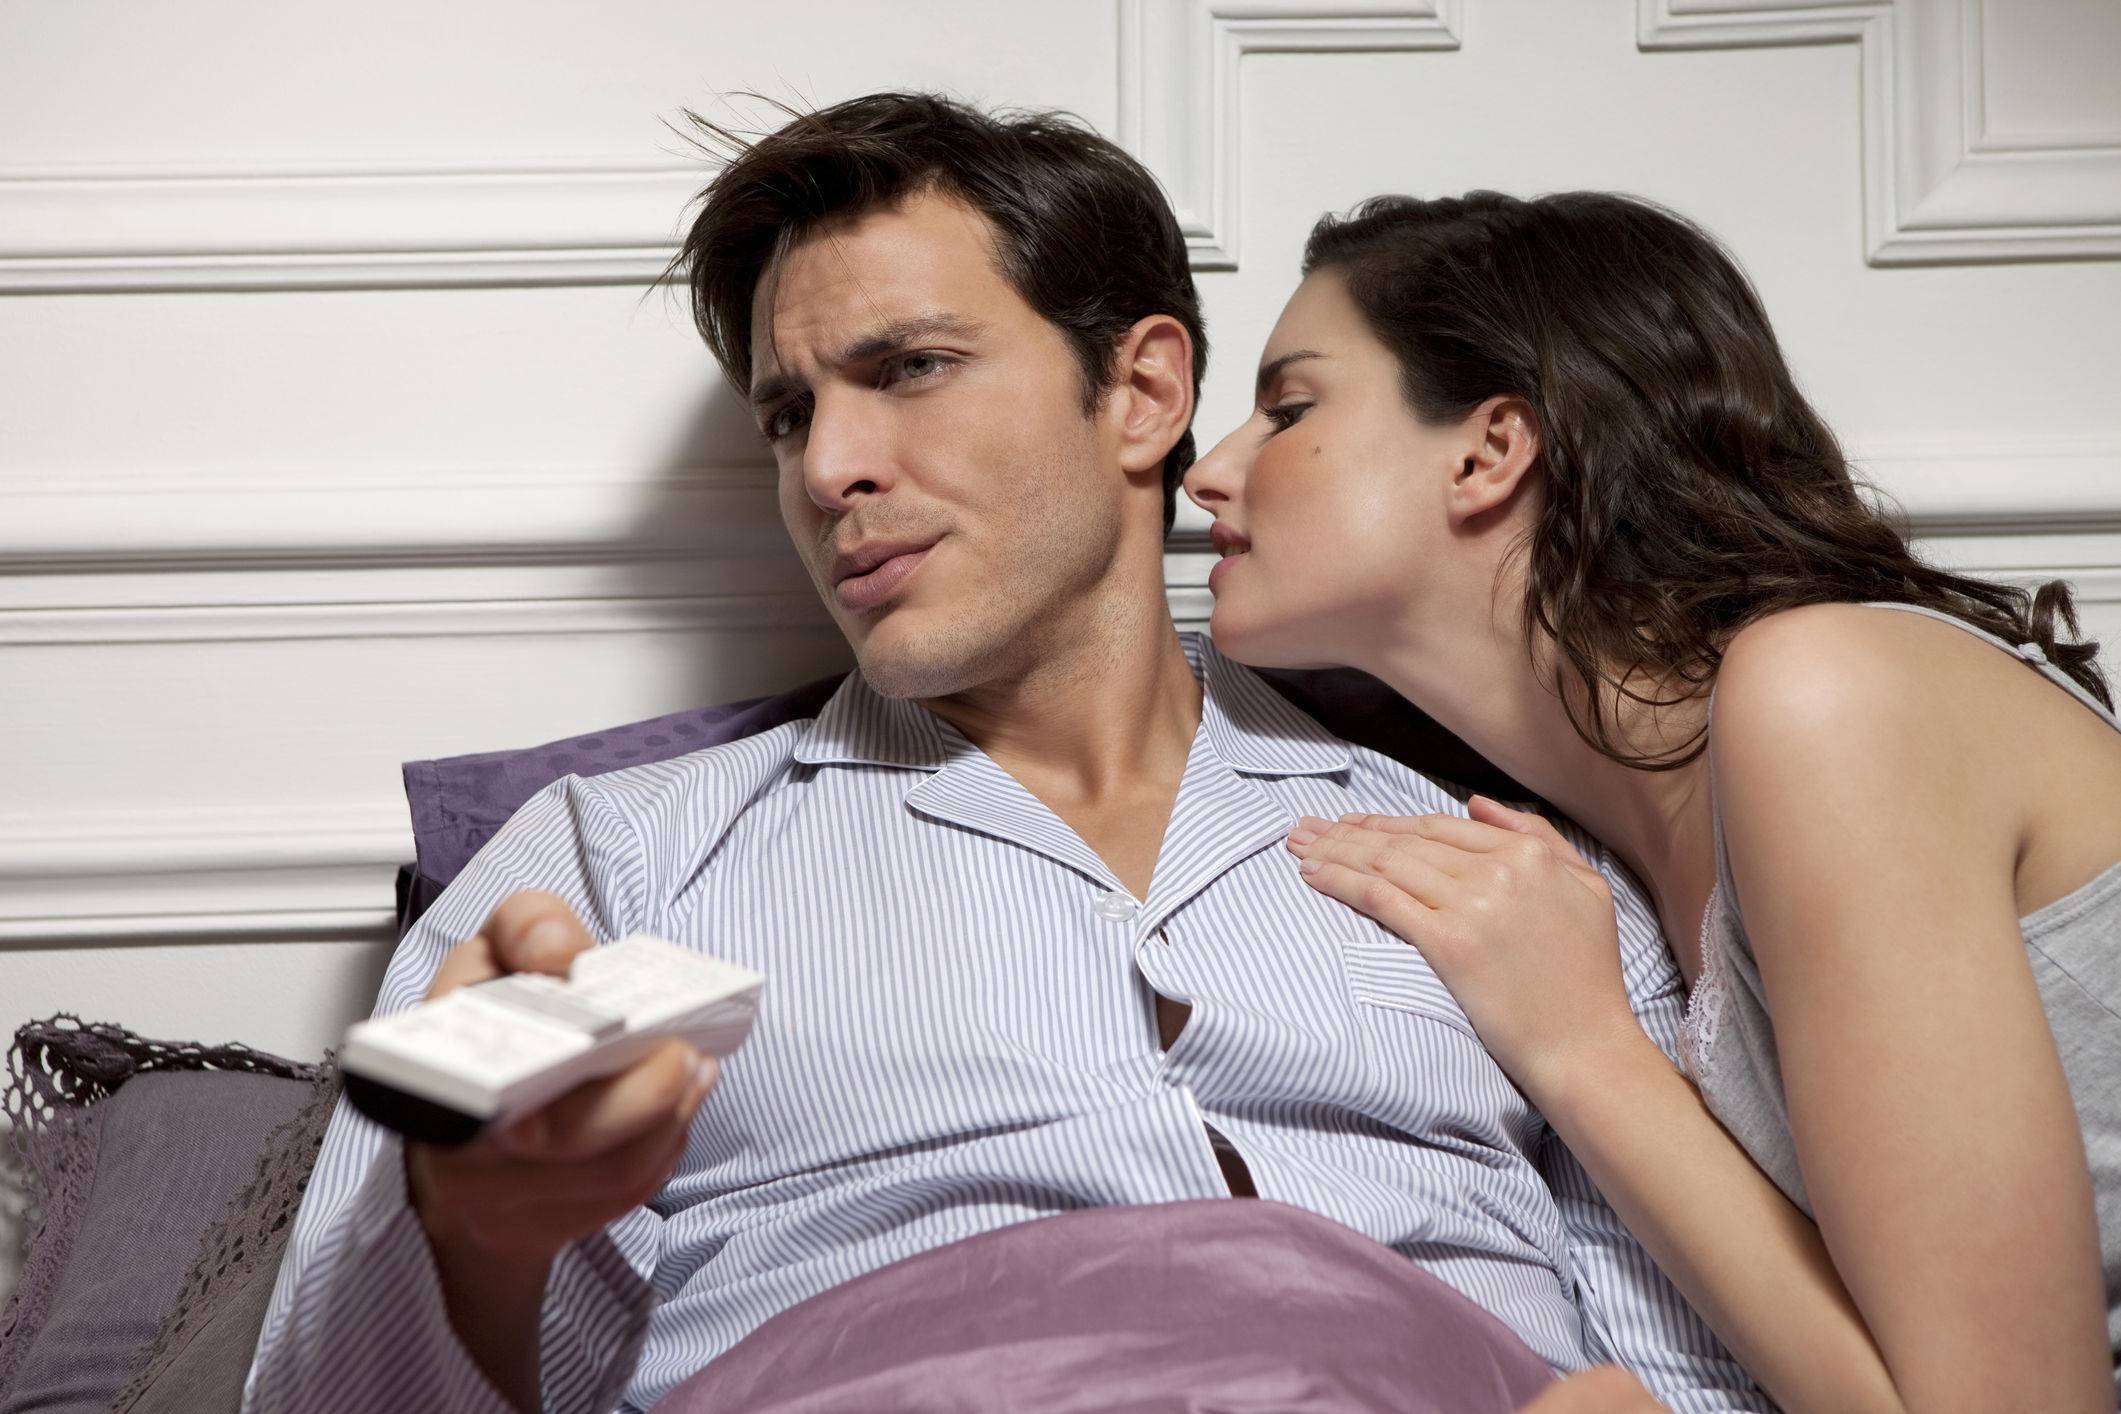 Мужчина не хочет общаться с женщиной